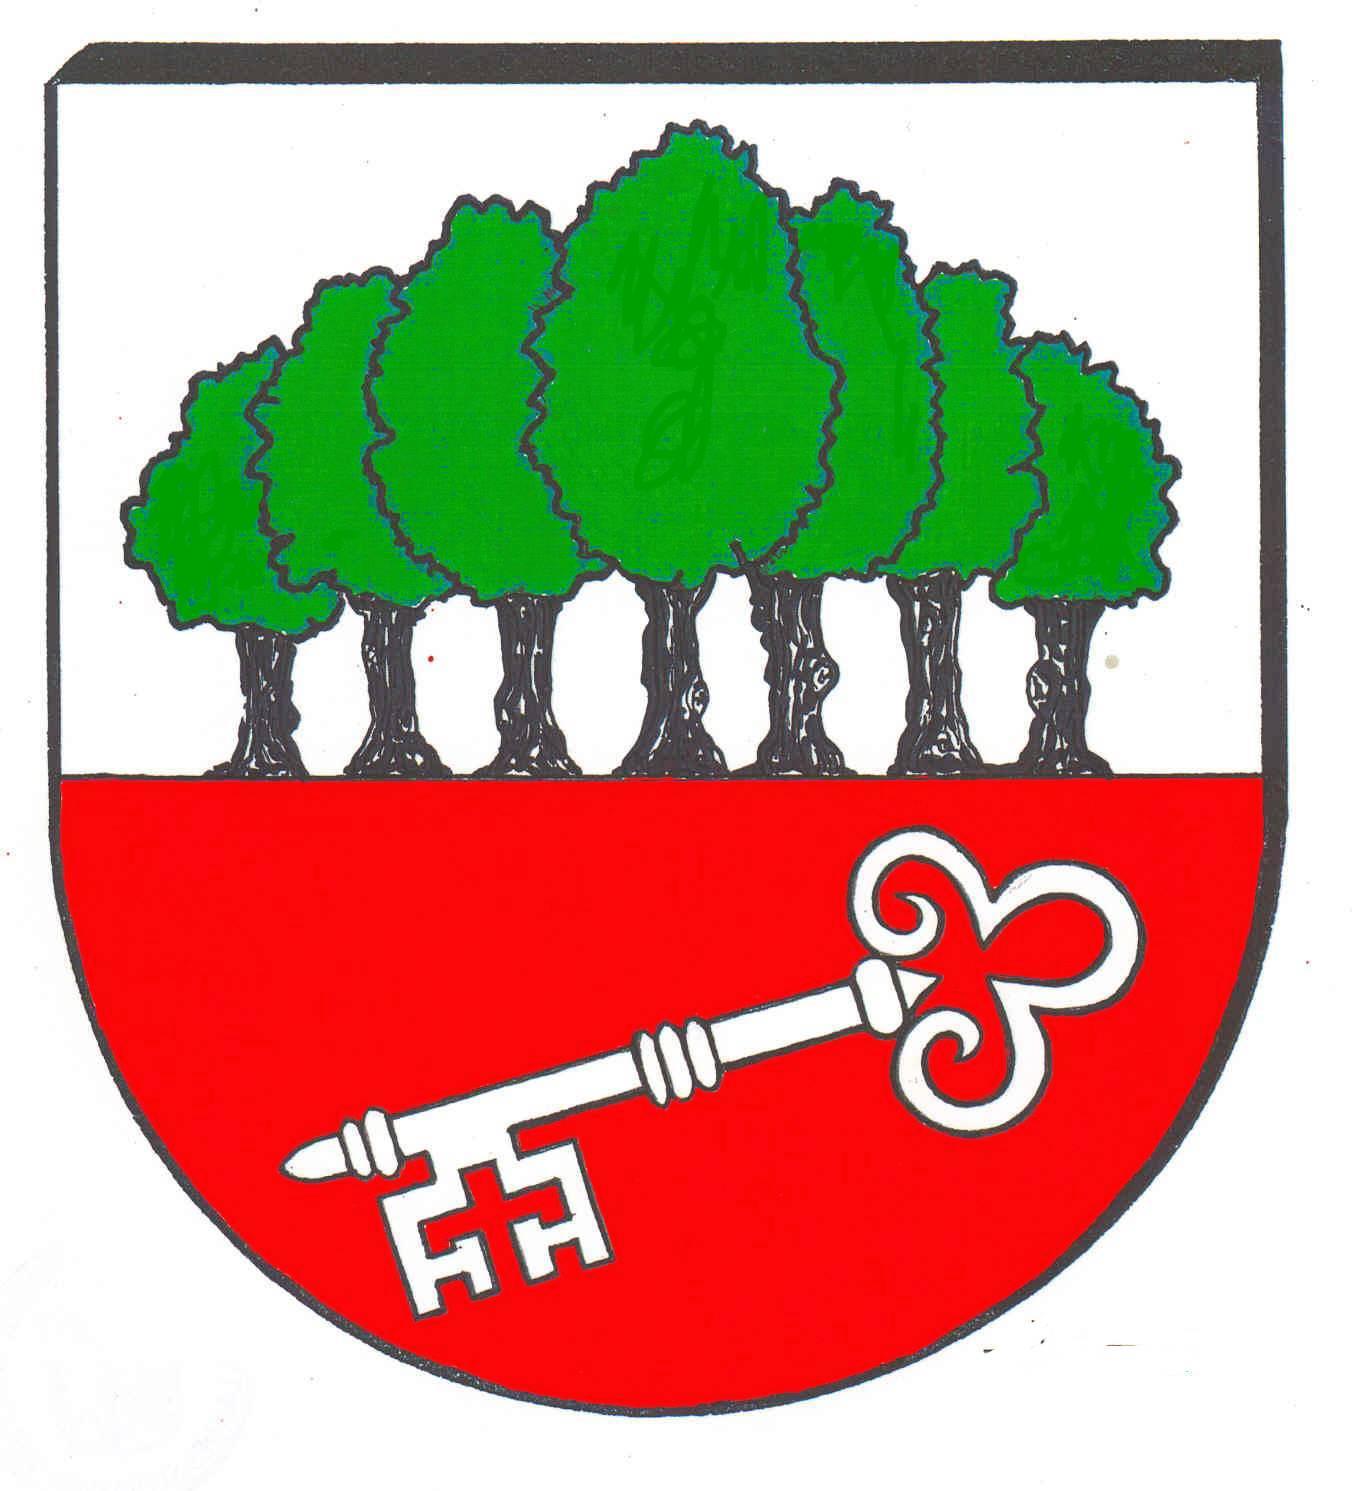 Wappen GemeindeSiebenbäumen, Kreis Herzogtum Lauenburg